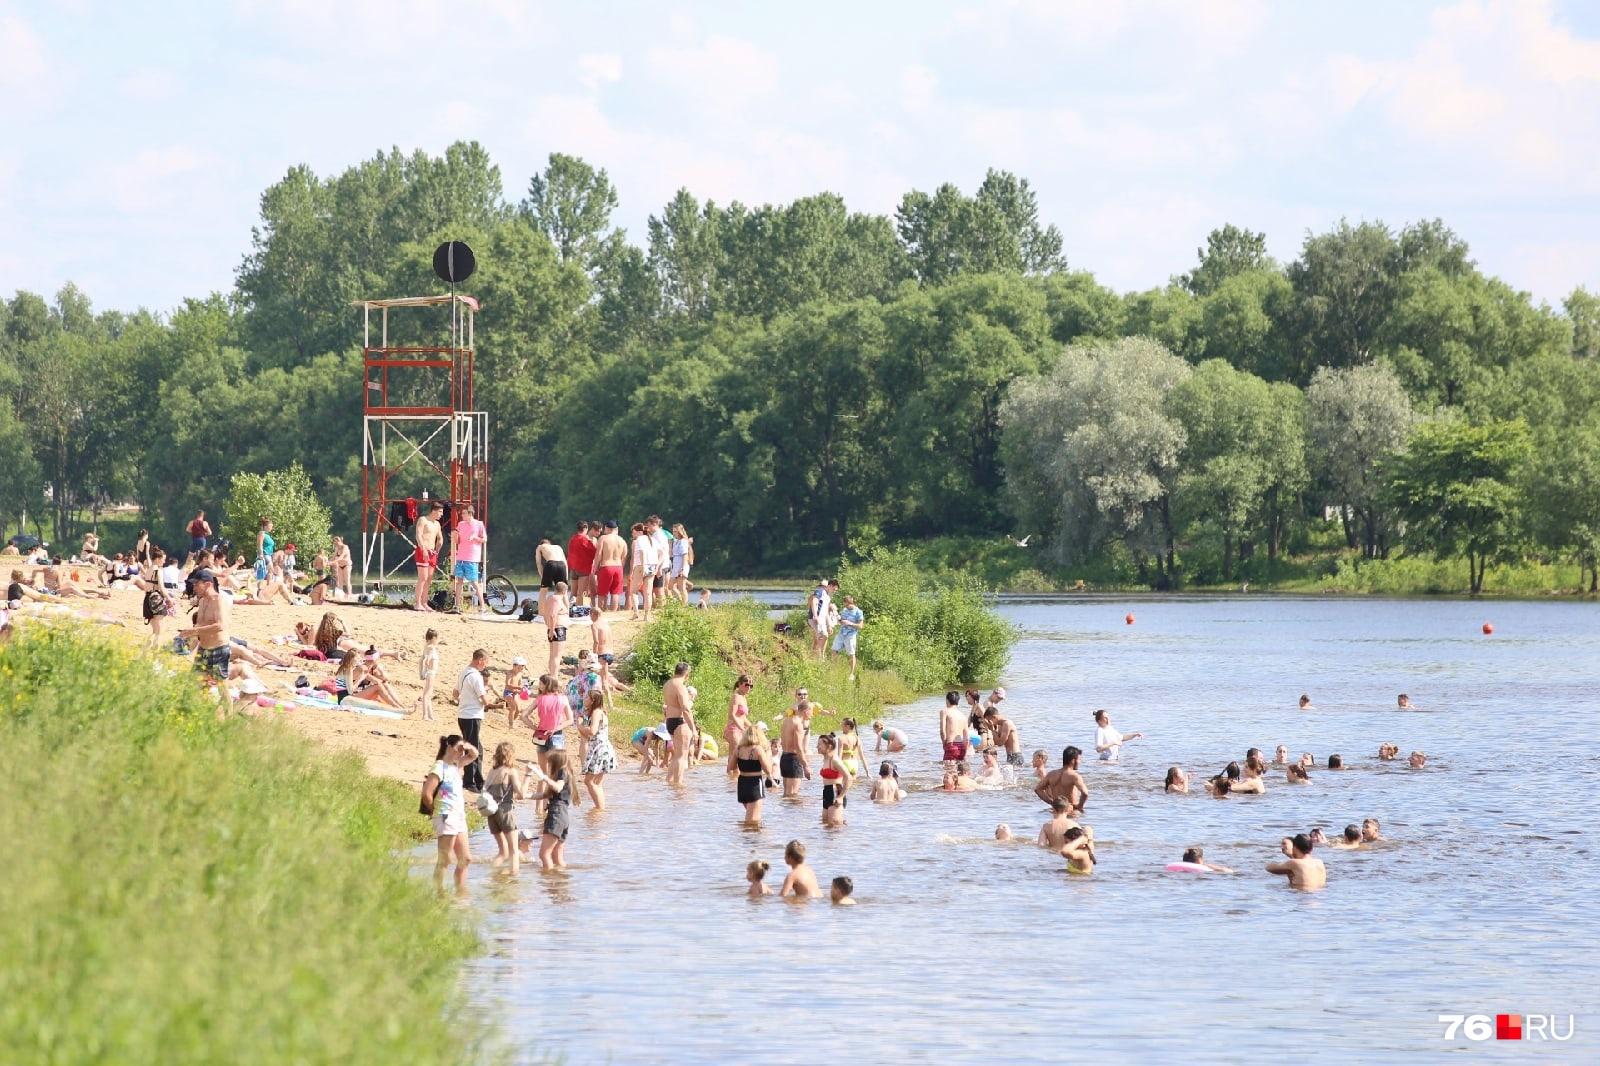 Несмотря на предупреждение, народ всё равно купается